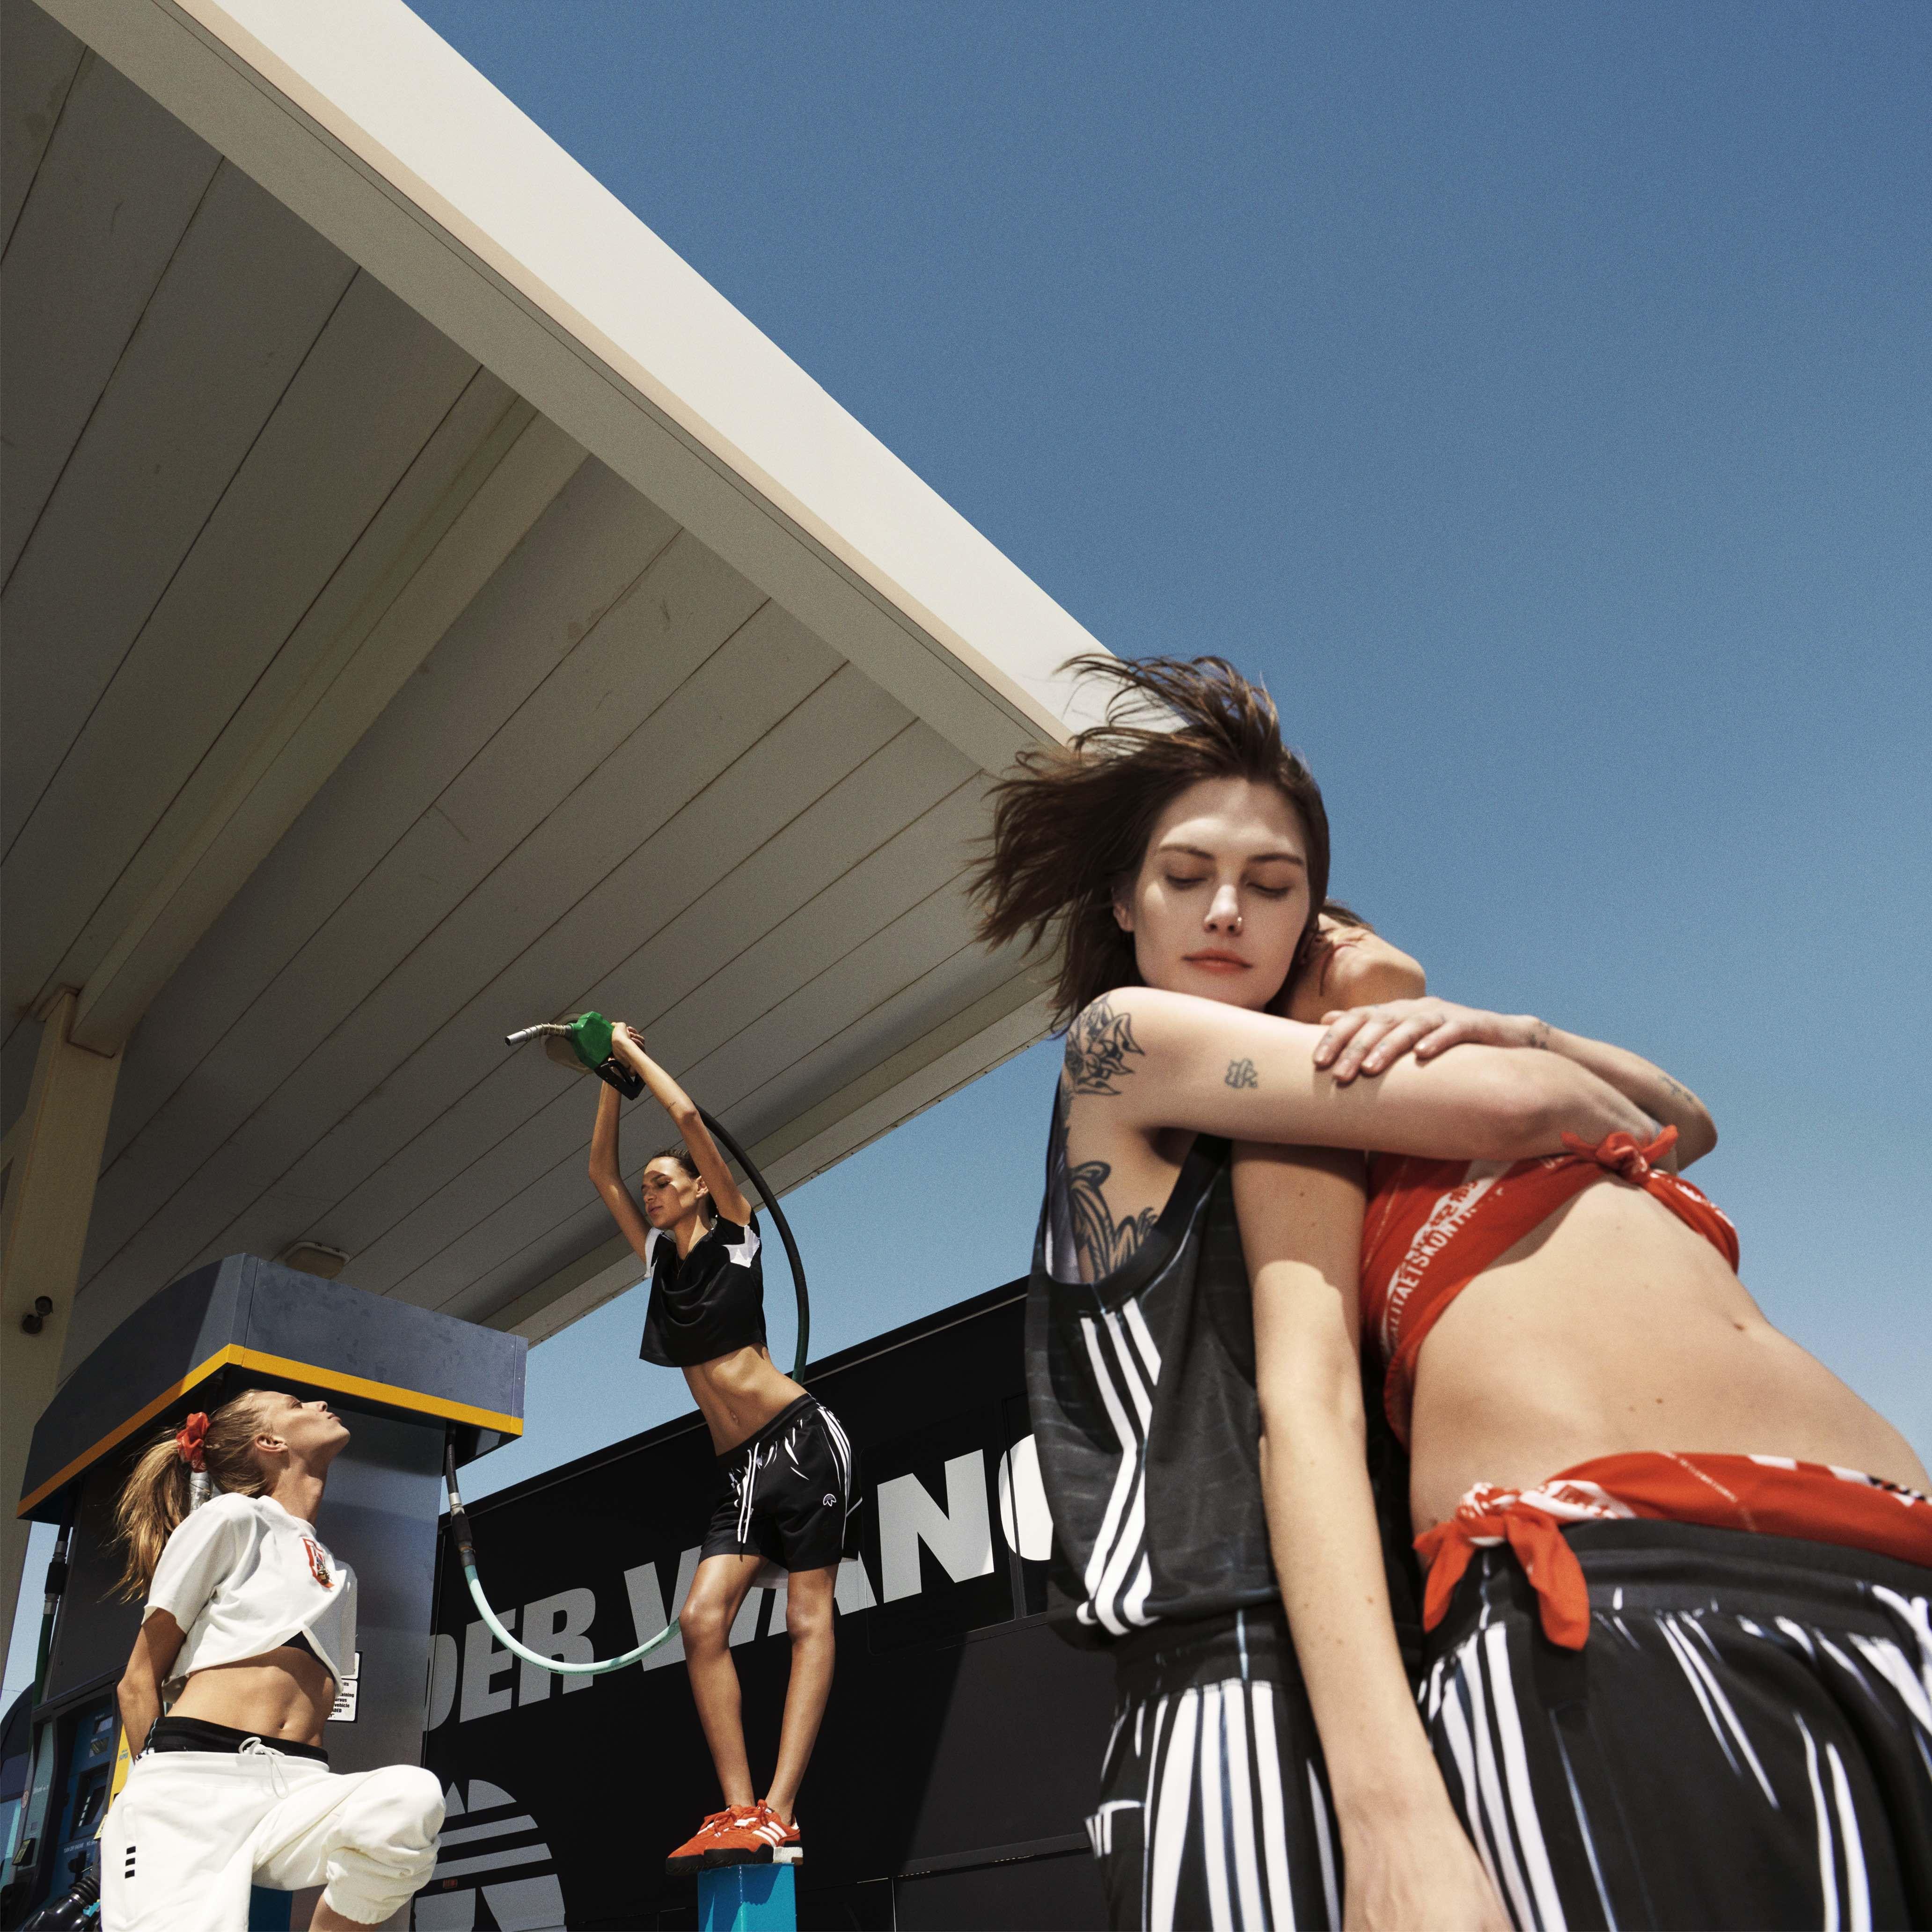 La nuova collezione Adidas di Alexander Wang è semplicemente